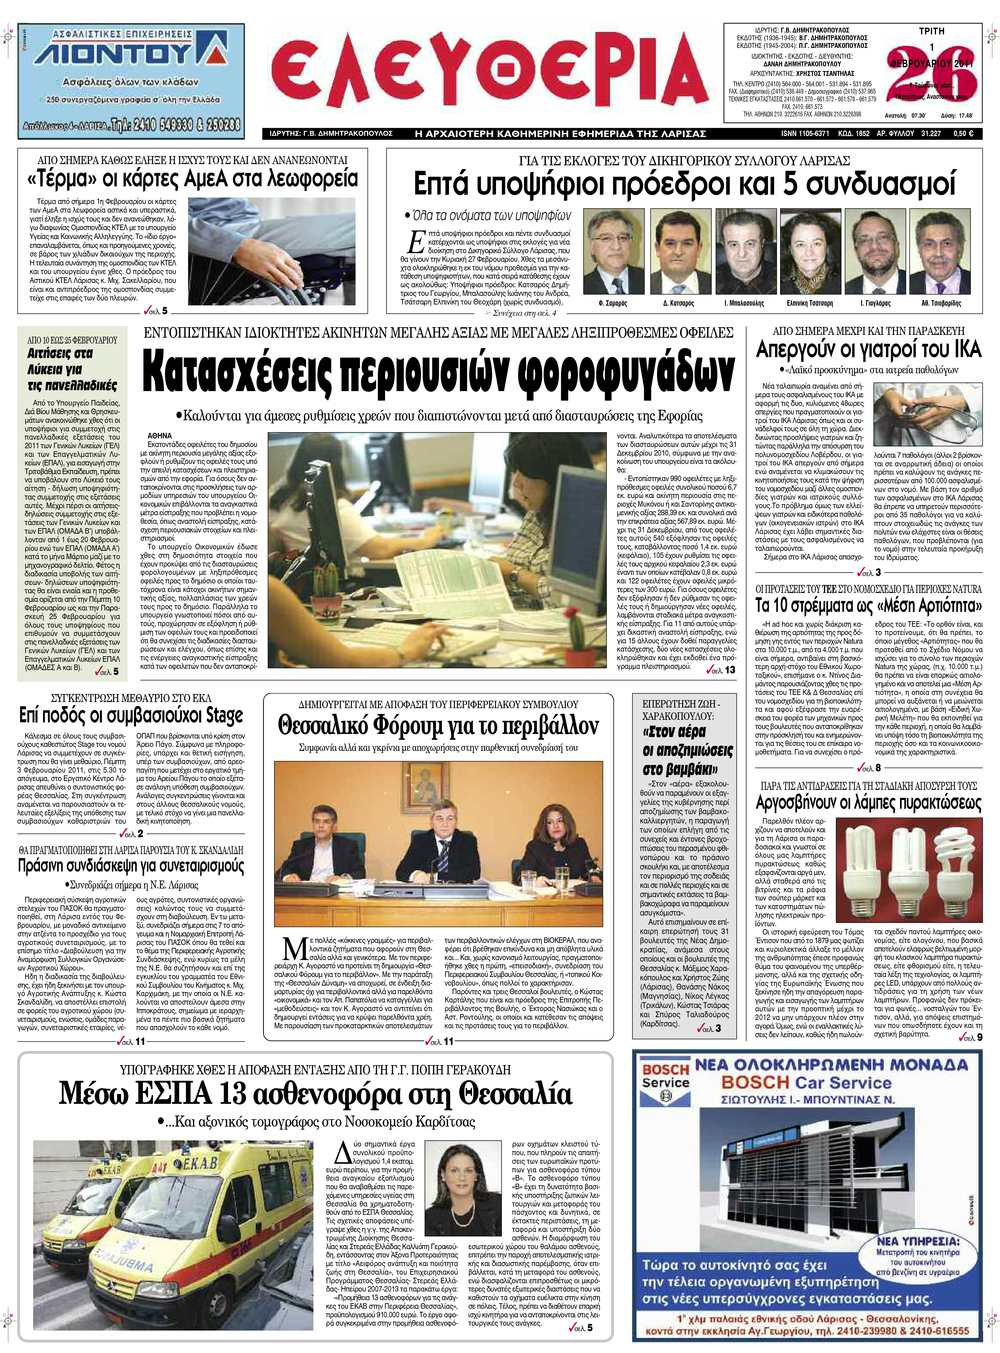 Calaméo - Eleftheria.gr 1 2 2011 8666e1db148